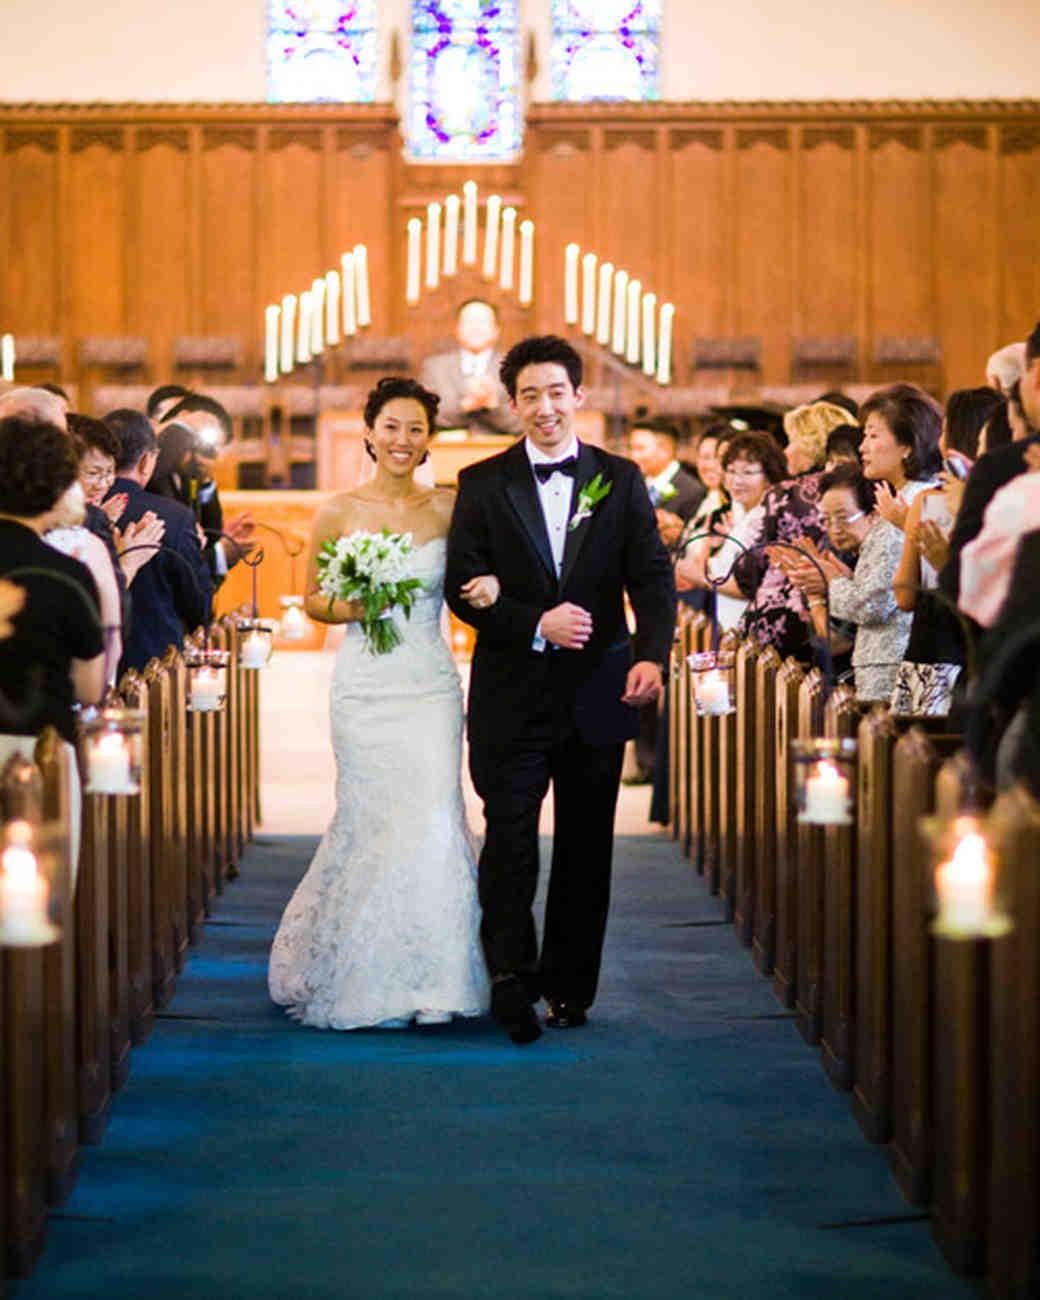 rw_0610_edward_jane_ceremony.jpg